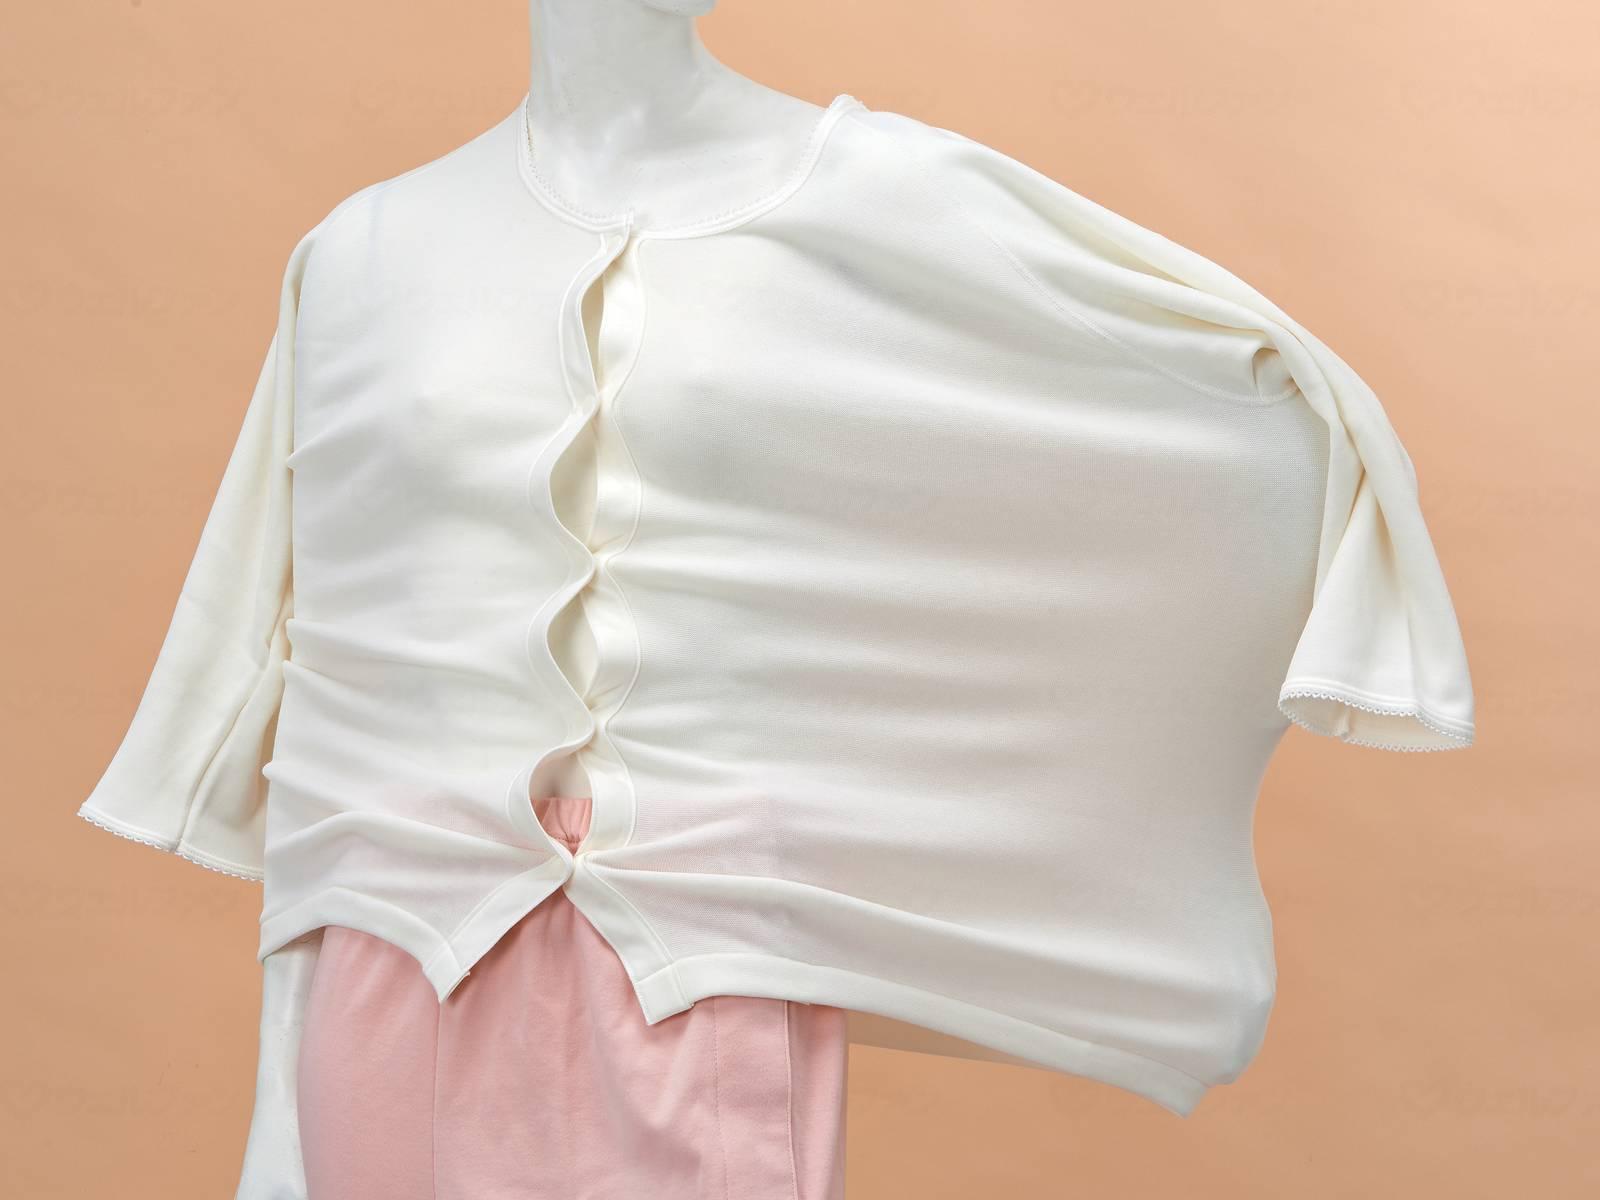 婦人のびのびワンタッチ肌着7分袖(ホック付)の画像